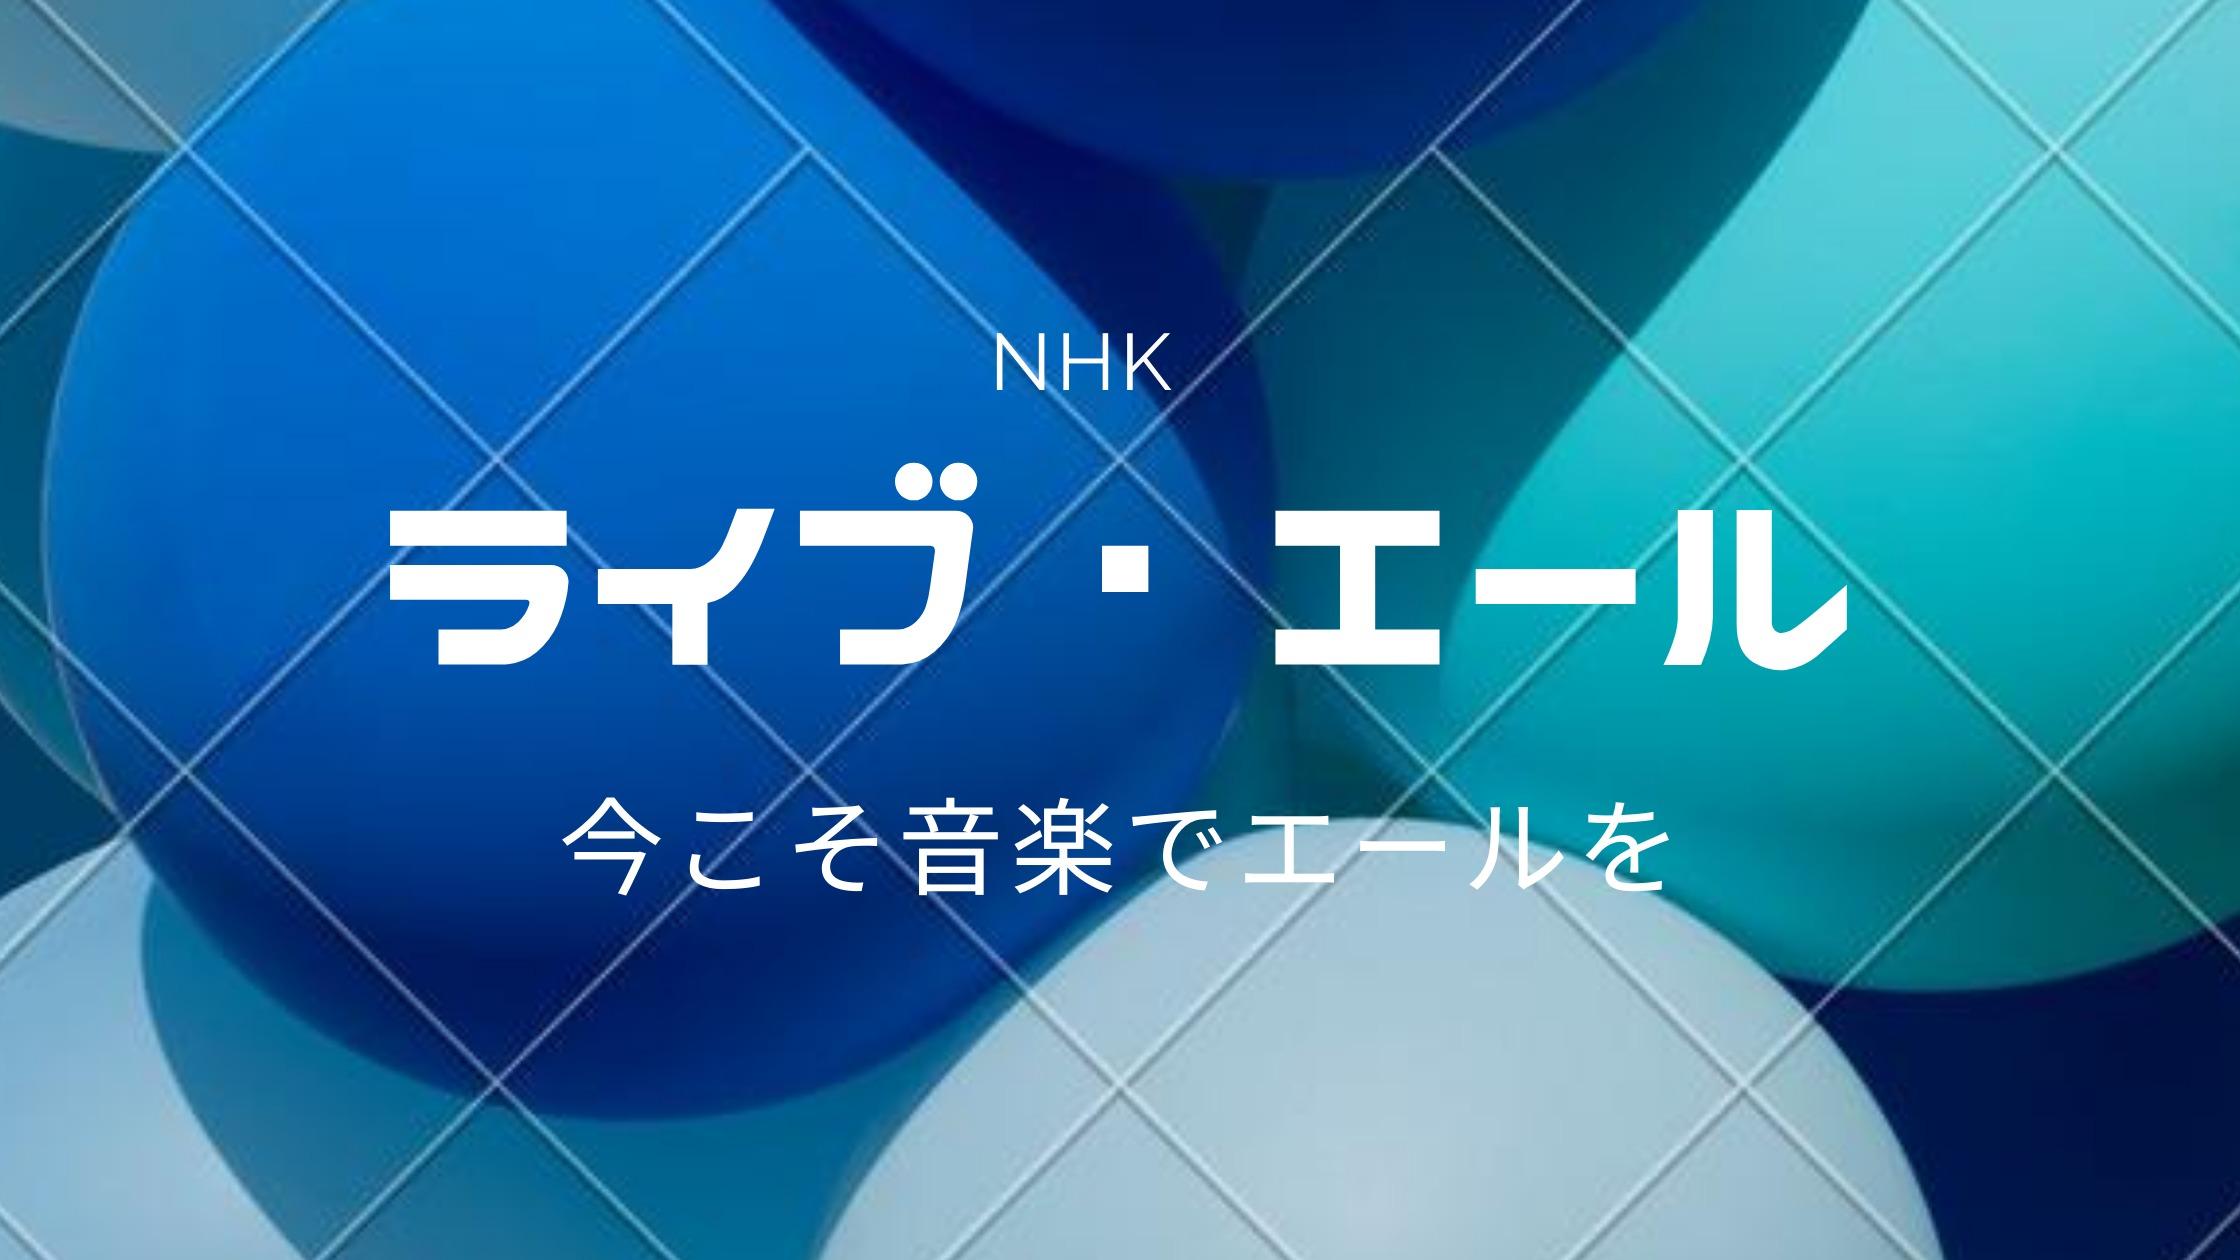 ライブ 放送 再 nhk エール